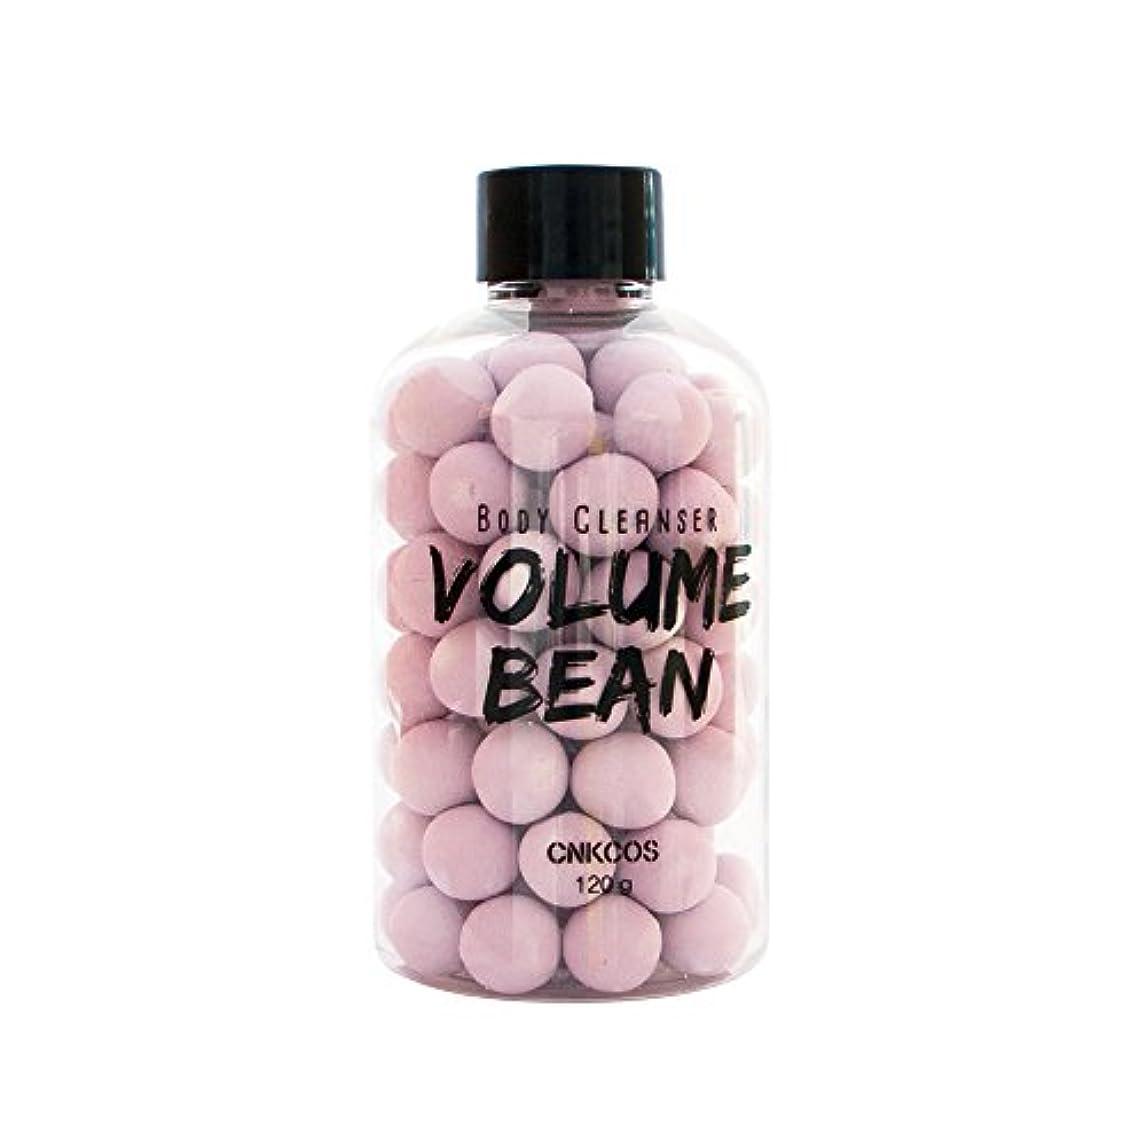 航空便サバント飲み込むボリュームビーン Volume Bean 120g